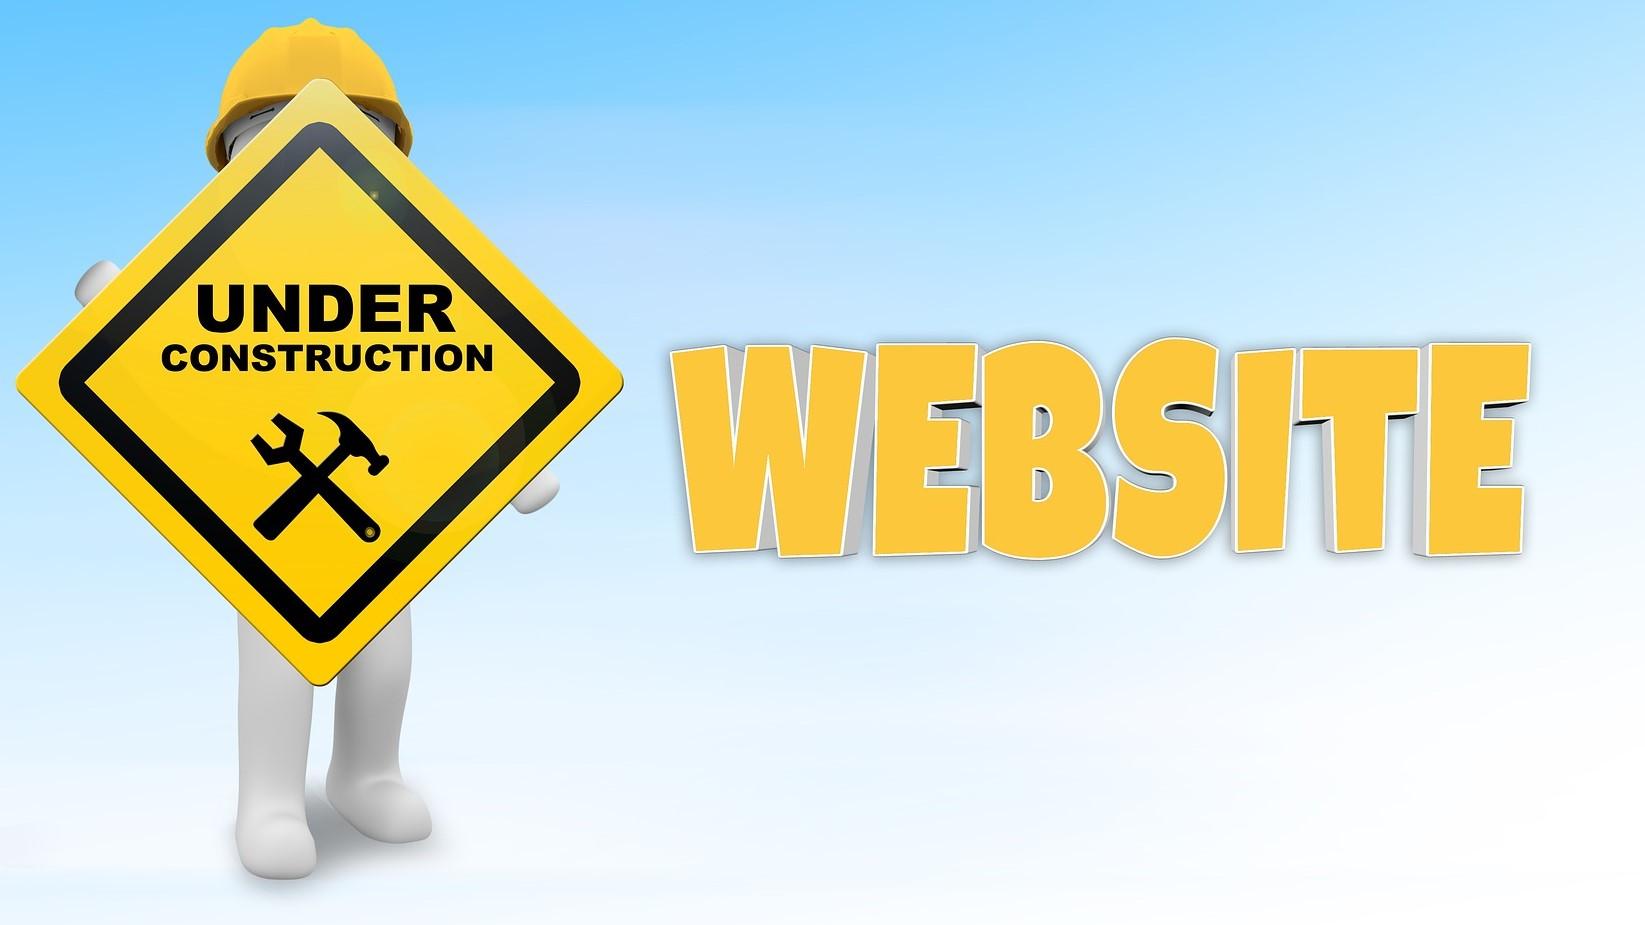 Mit eigener Website für die Kundenbindung durchstarten